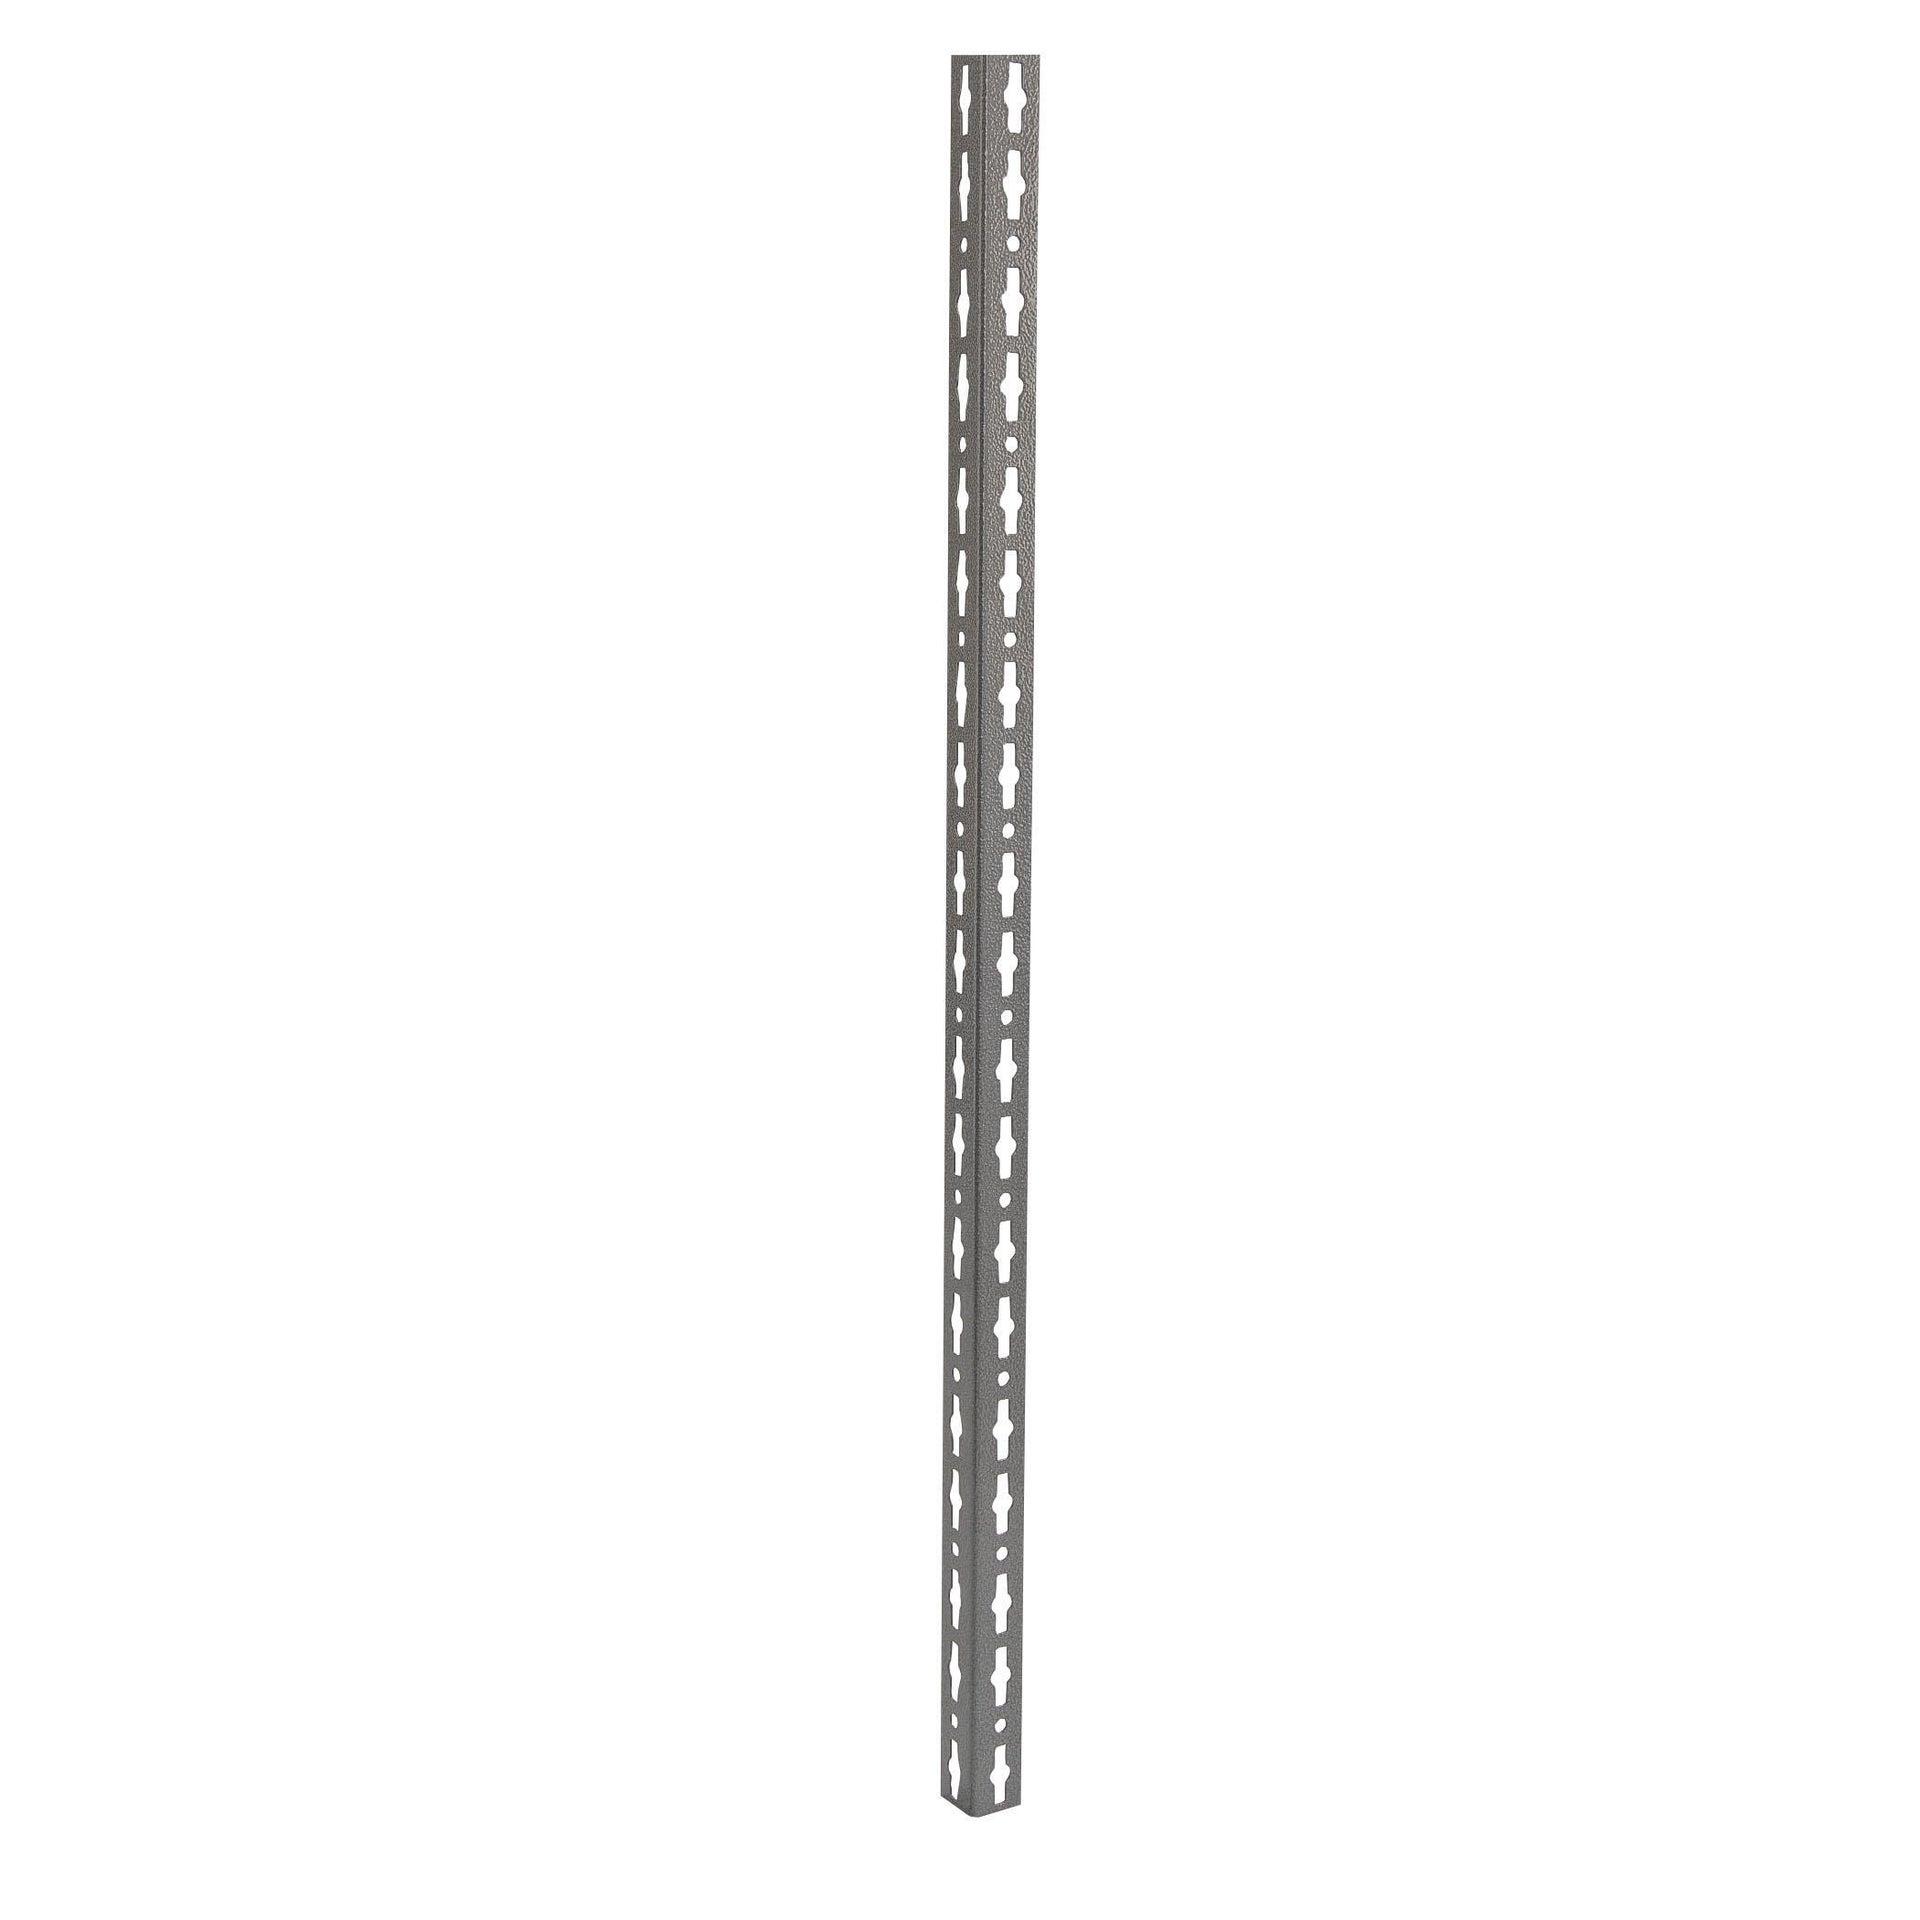 Montante in metallo angolare L 4 x H 200 x Sp 4 cm grigio / argento martellato - 1